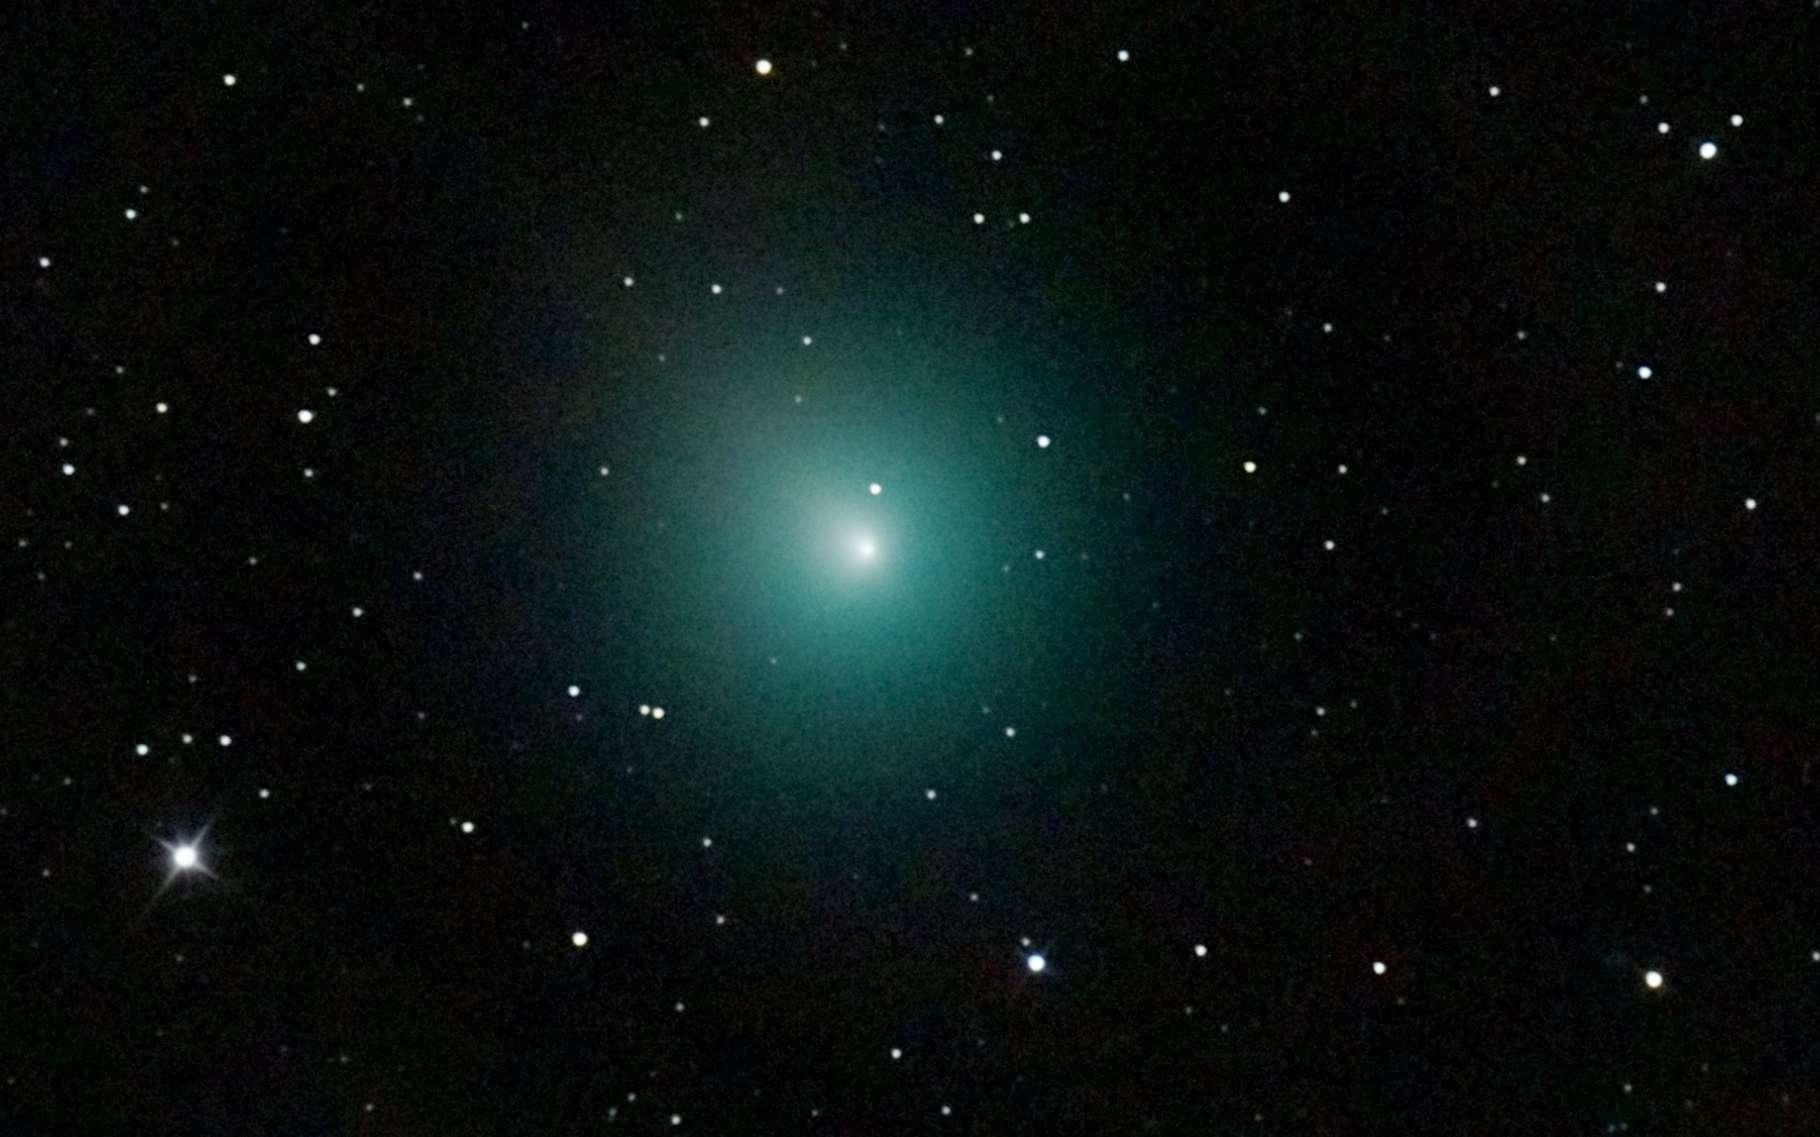 La comète 46P/Wirtanen est une petite comète dont la période orbitale est de 5,4 ans. Elle a été découverte en 1948 et fin 2018, elle a été secouée par une explosion qui a pu être observée dans le détail grâce au satellite de la Nasa Tess. © Nicolas Biver, Observatoire de Paris, PSL, Lesia